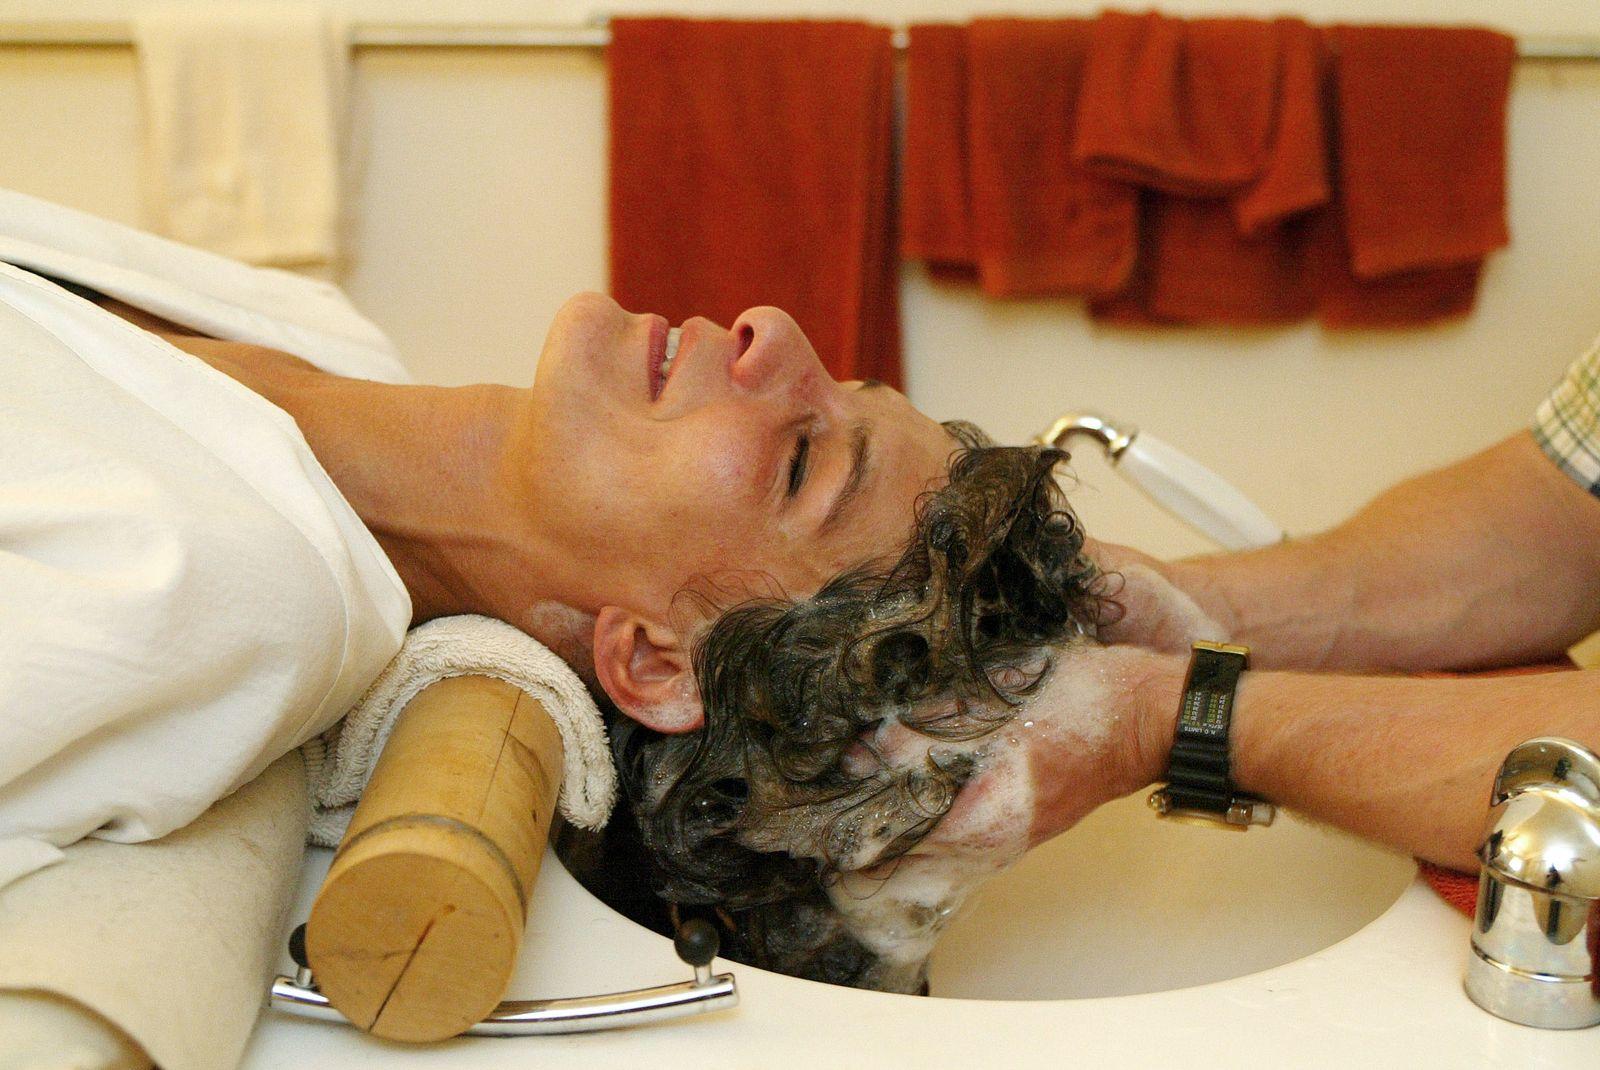 NICHT VERWENDEN SYMBOLBILD Haare waschen